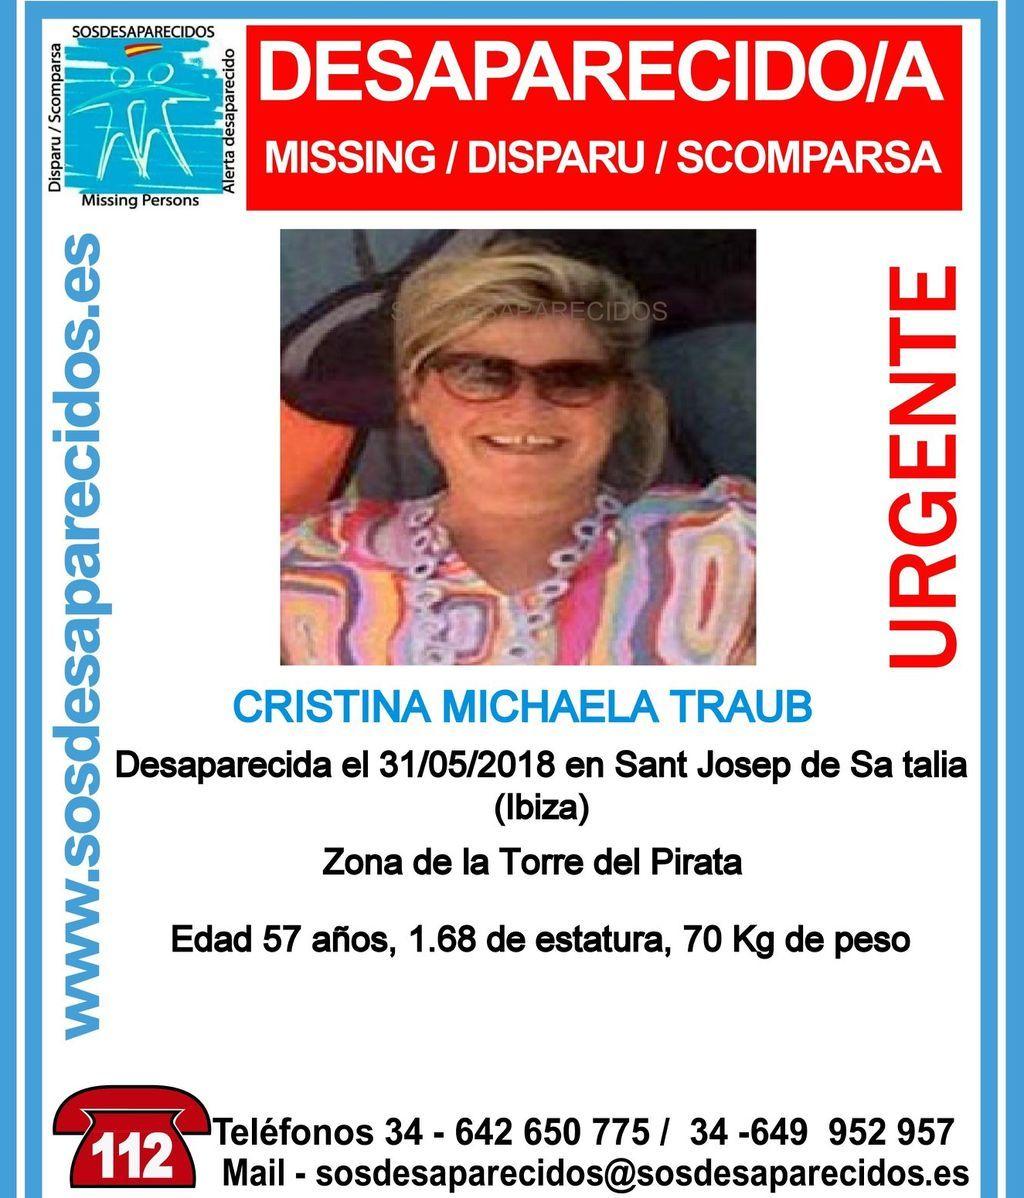 Buscan a una mujer de 57 años desaparecida desde el jueves en Ibiza